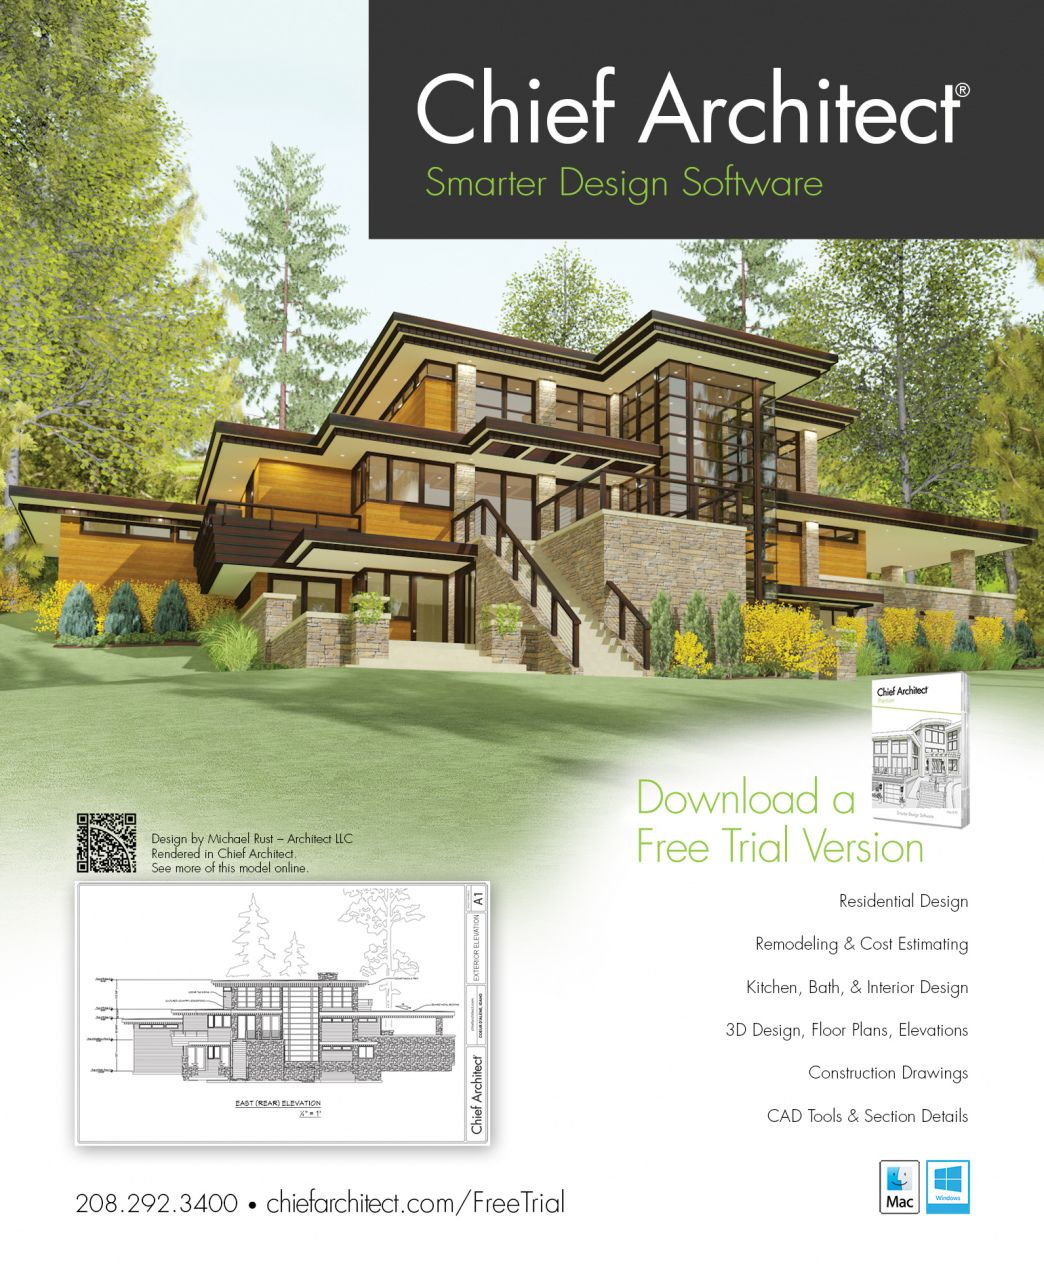 28 House Designer Software 2017 Landscape Design Software Home Design Software Free 3d Home Design Software